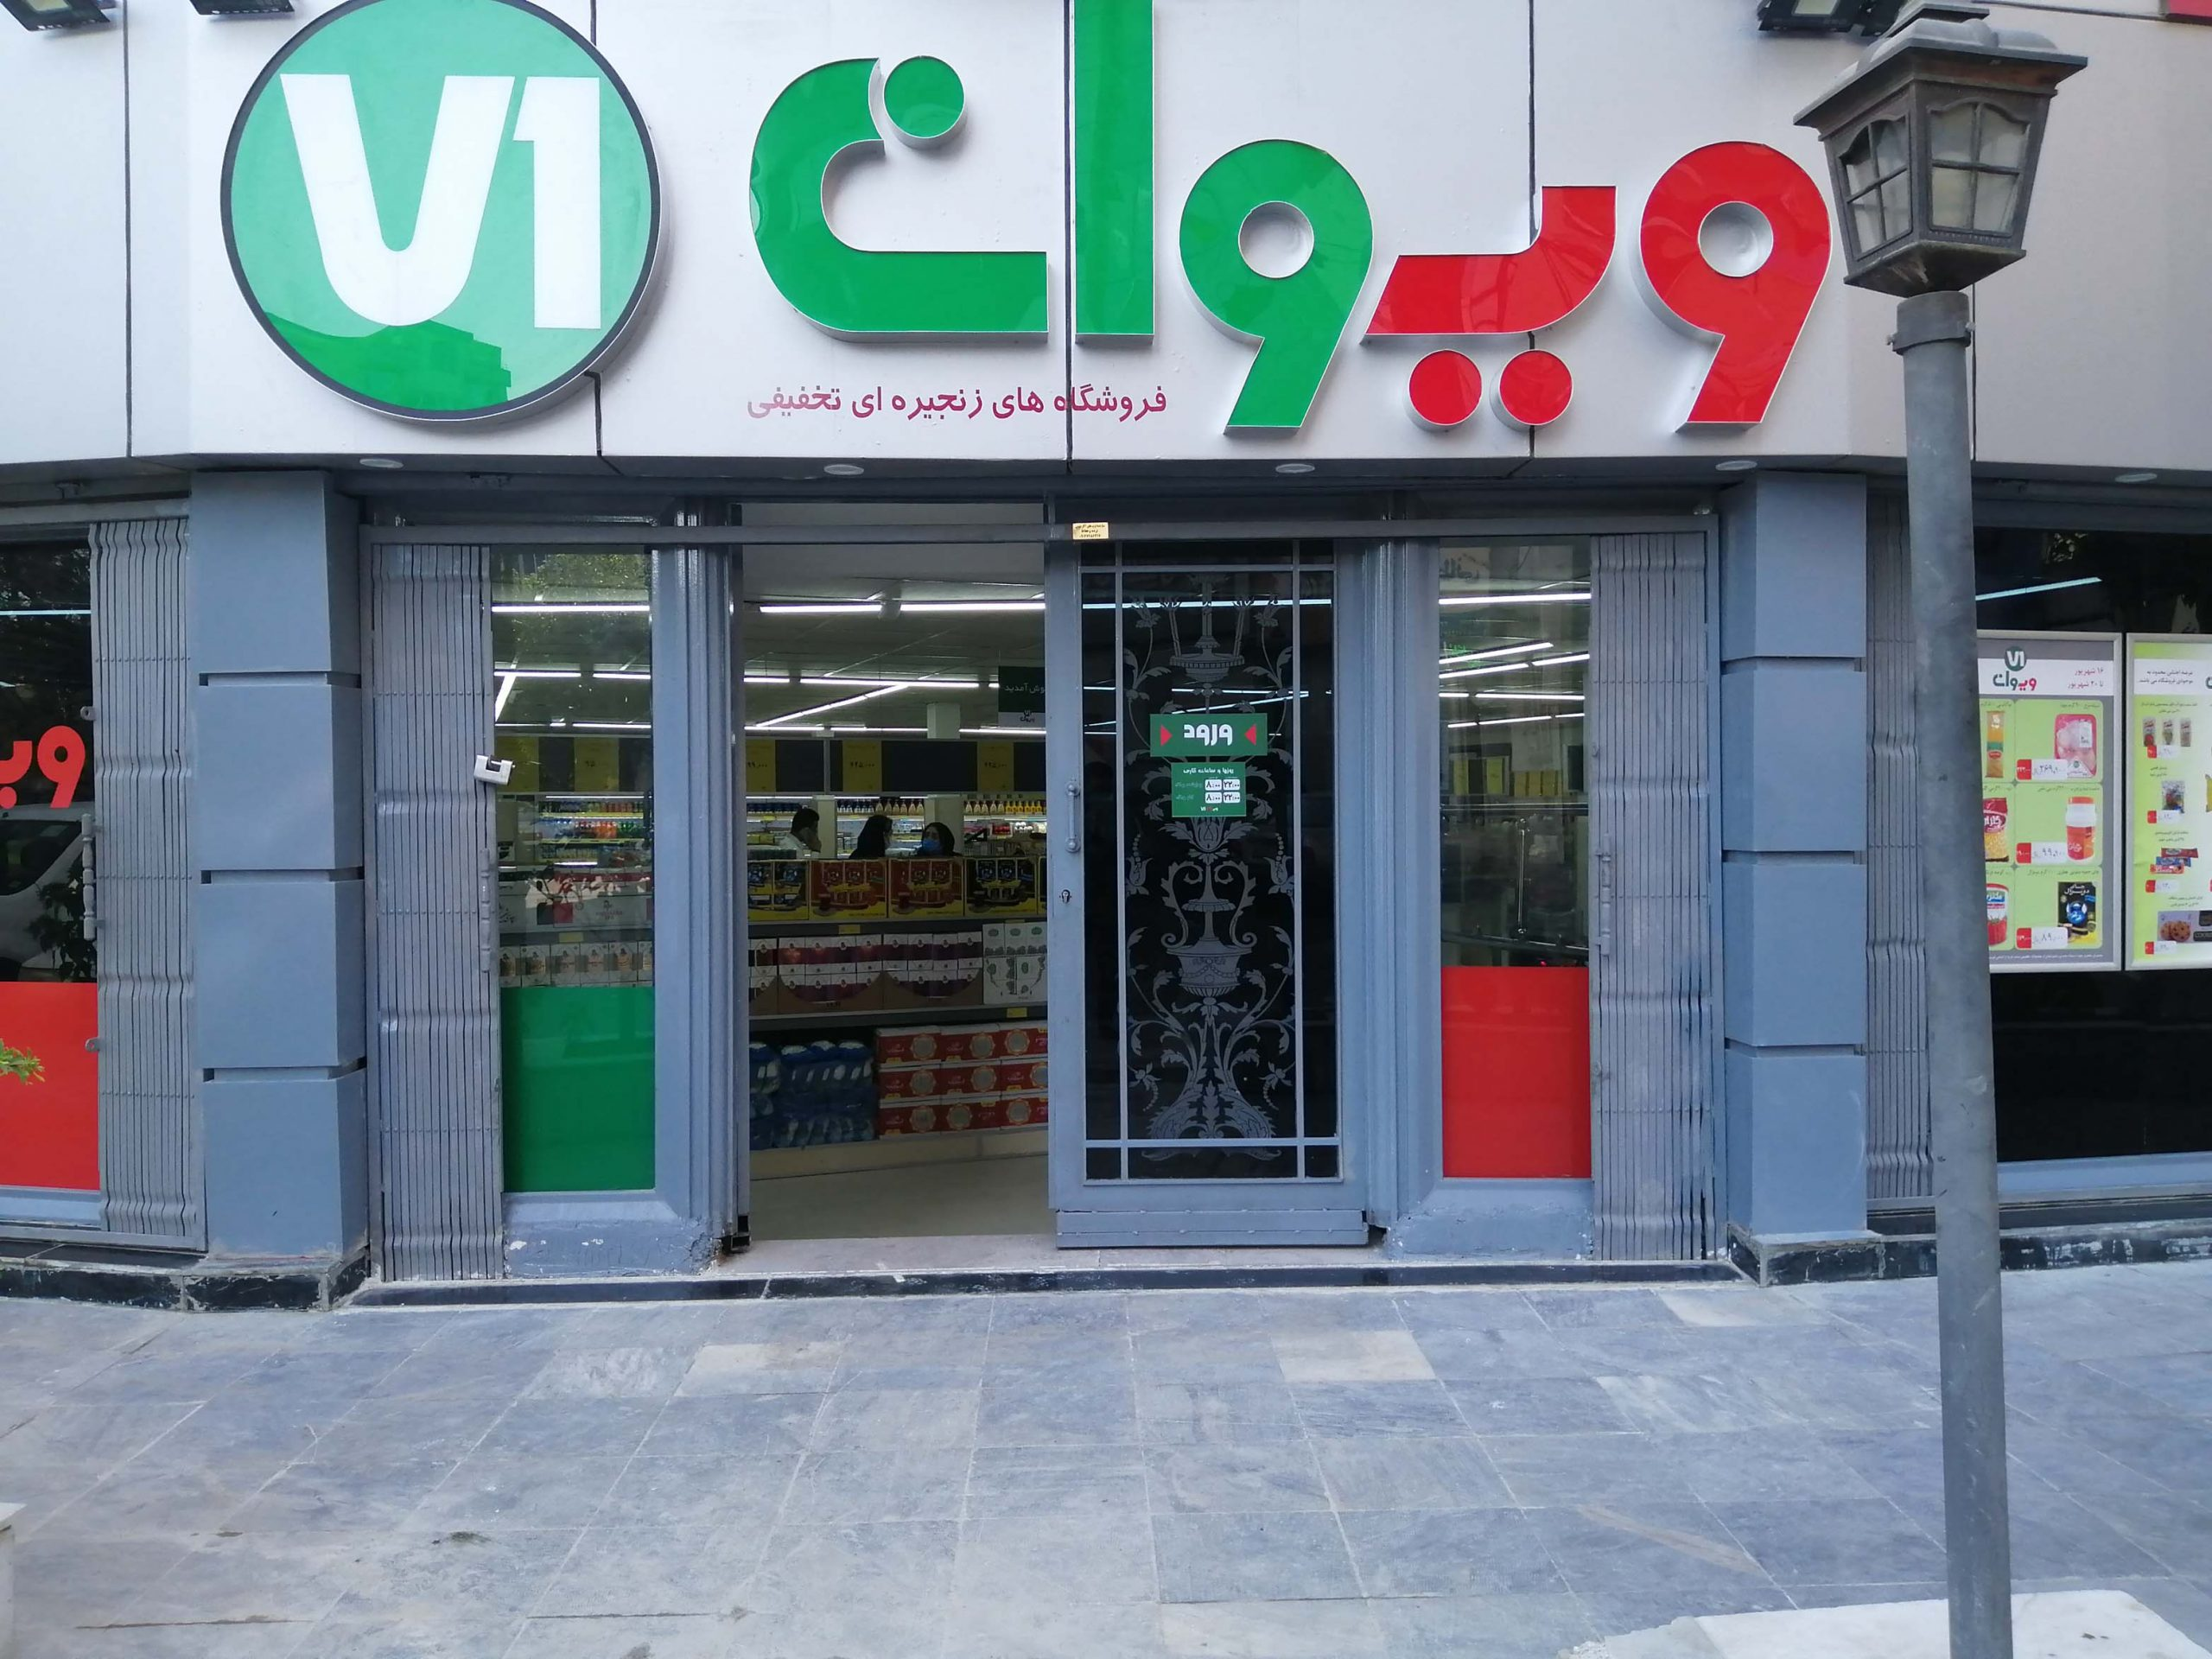 فروشگاه های زنجیره ای ویوان در کرج-درختی افتتاح شد.